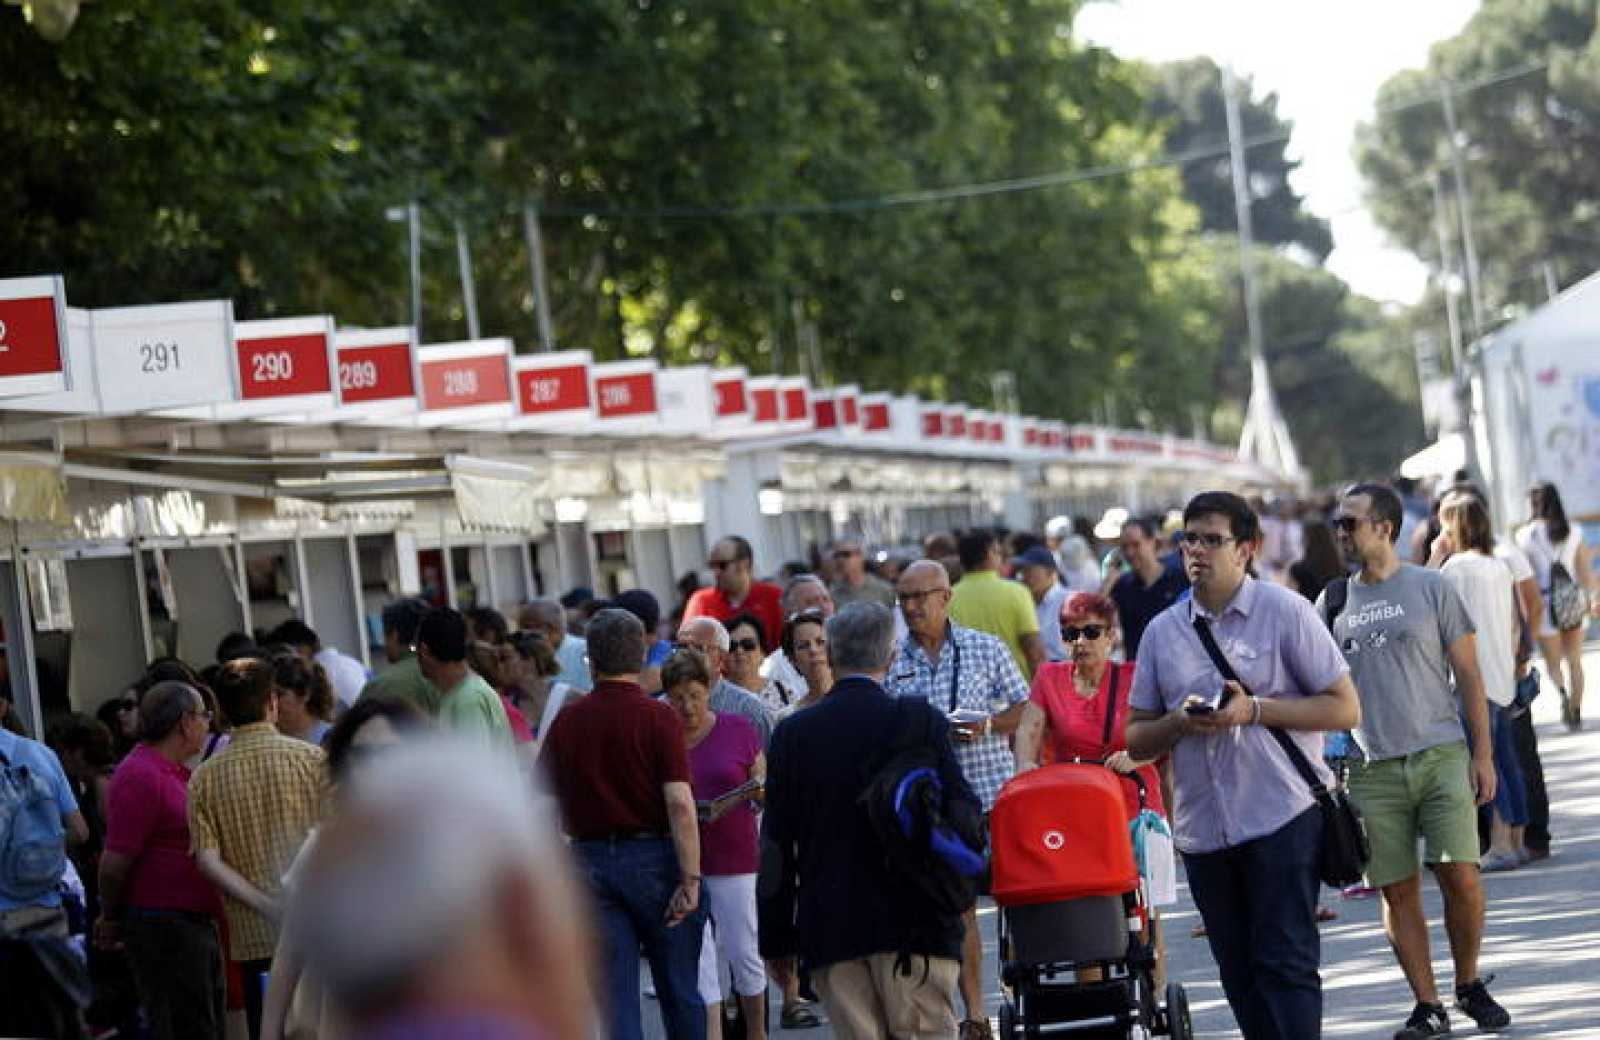 Vista general de la Feria del Libro de Madrid que se celebra en madrileño Parque de El Retiro.